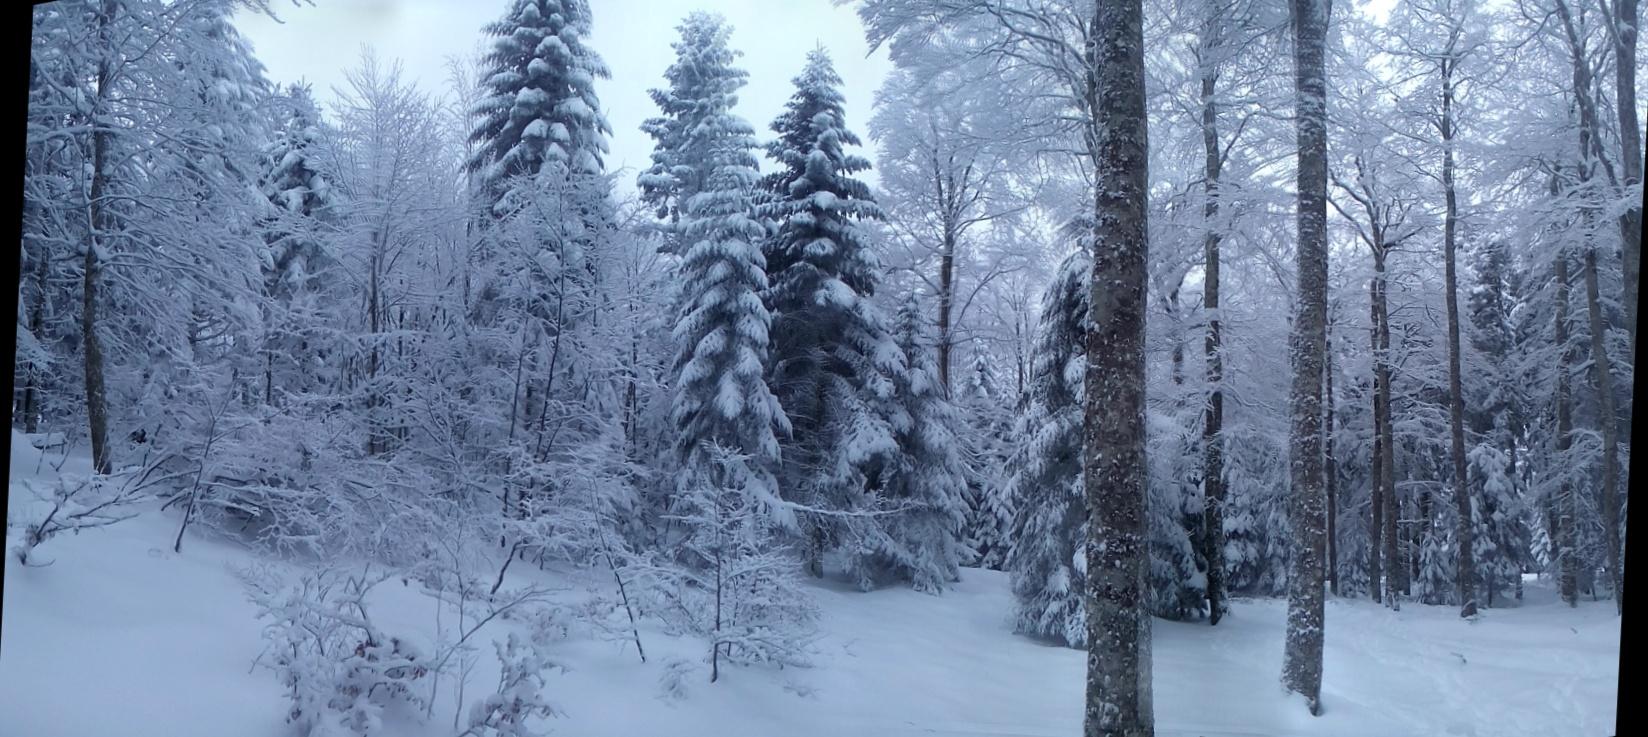 Première neige dans les bois.